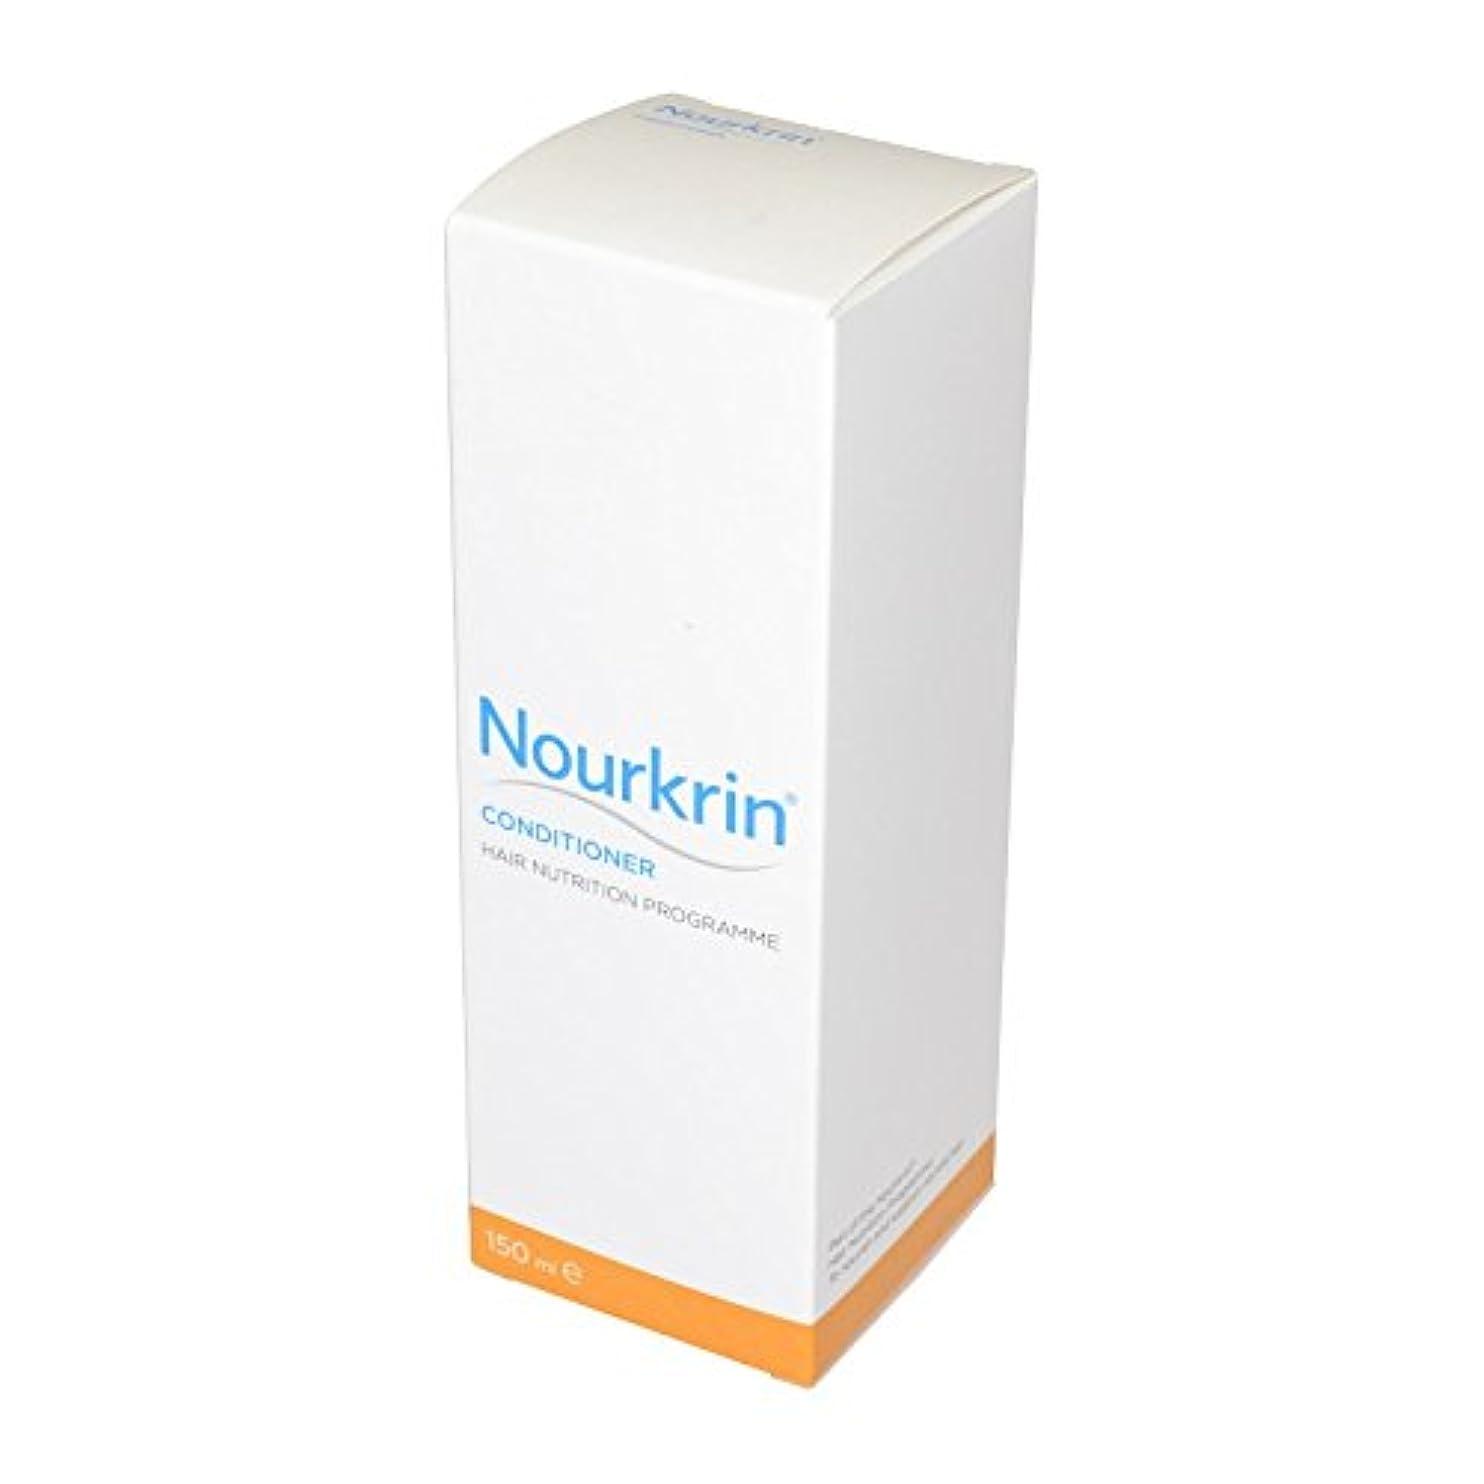 称賛拒絶する経済的Nourkrin Conditioner (Pack of 2) - Nourkrinコンディショナー (x2) [並行輸入品]